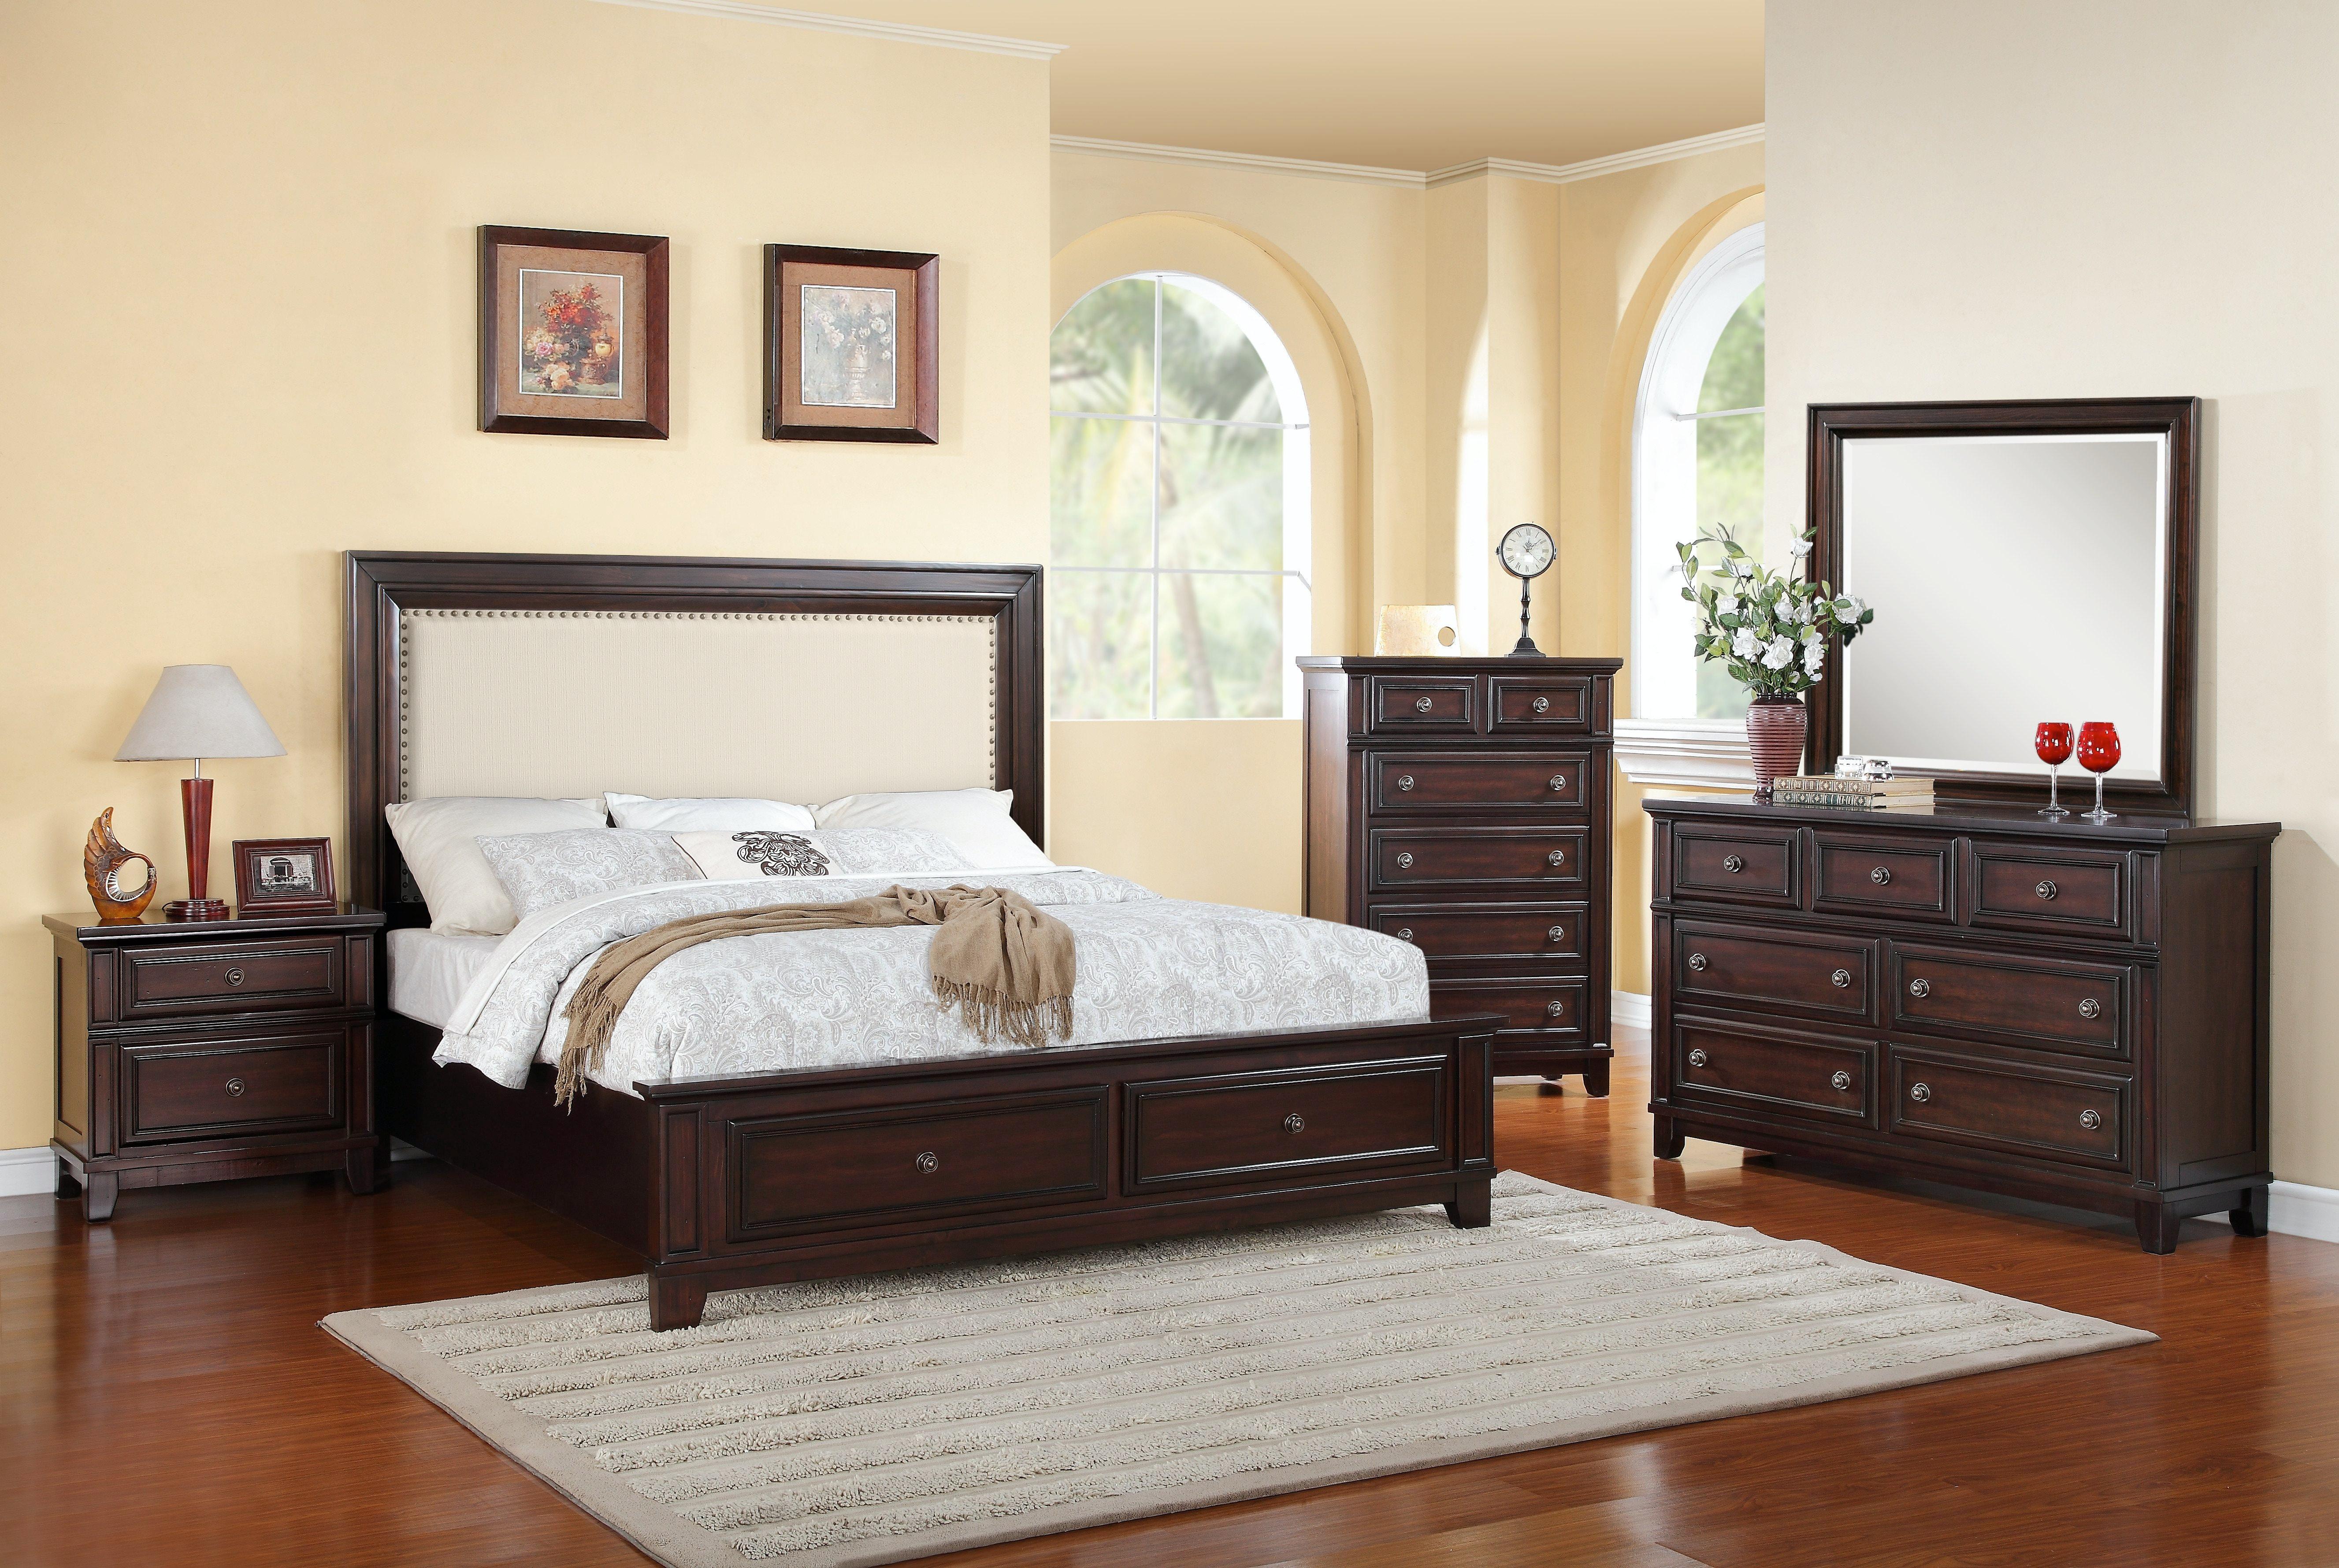 Bedroom Sets Okc stunning bedroom furniture okc images - home design ideas